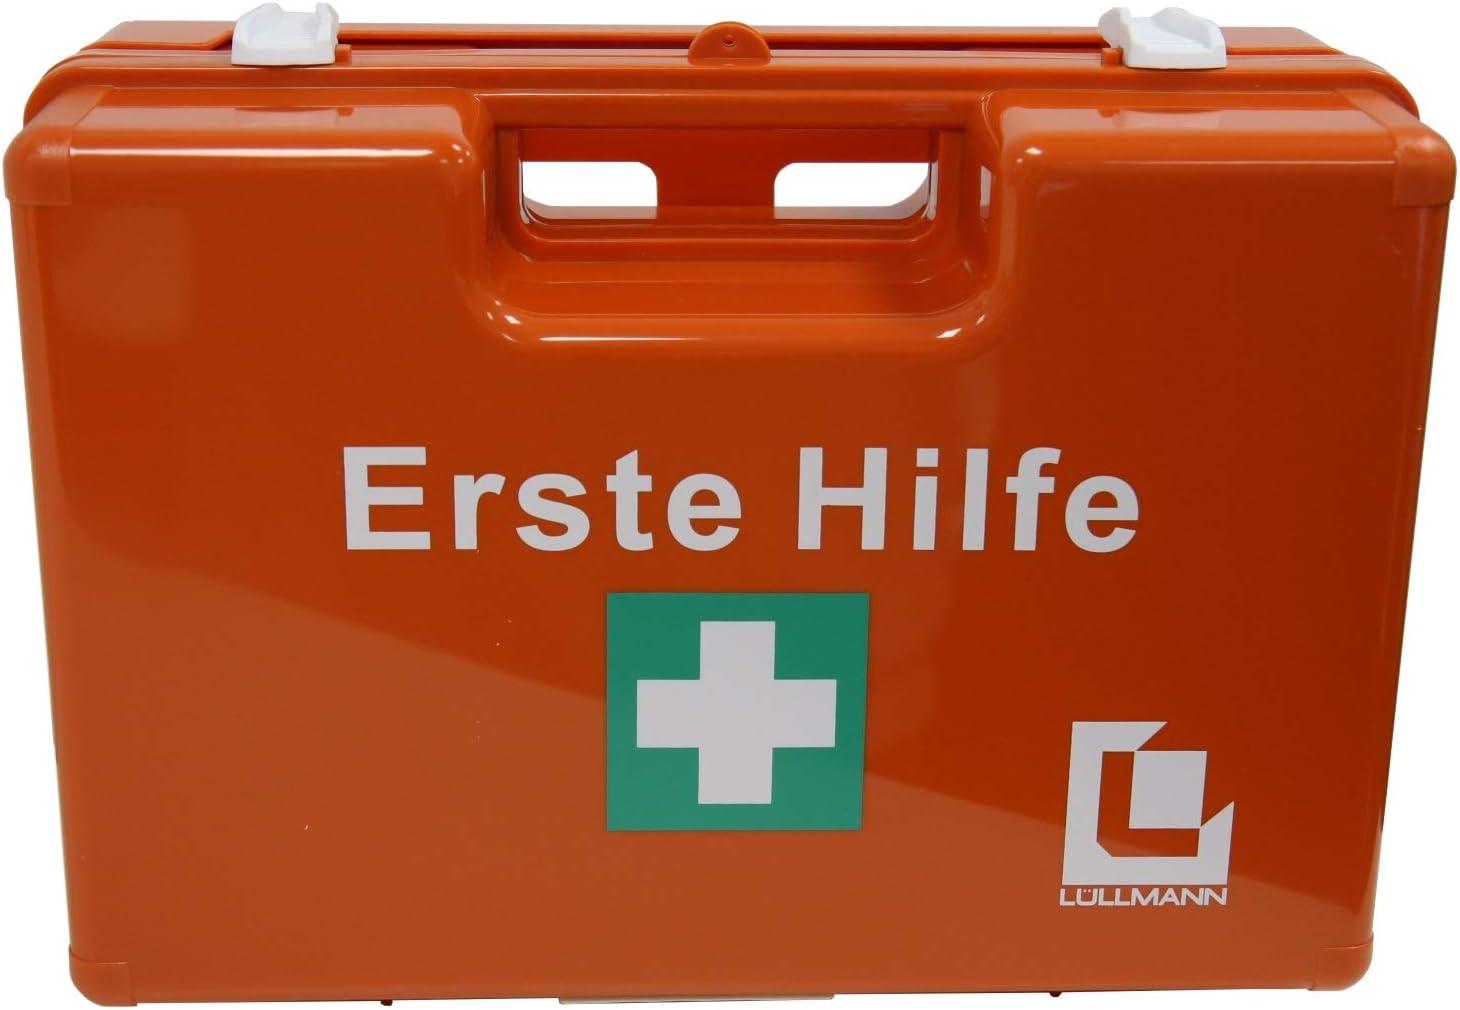 Großer Betriebs Verbandskasten Erste Hilfe Koffer Din 13169 Lüllmann Verbandkasten Orange 620155 Bürobedarf Schreibwaren